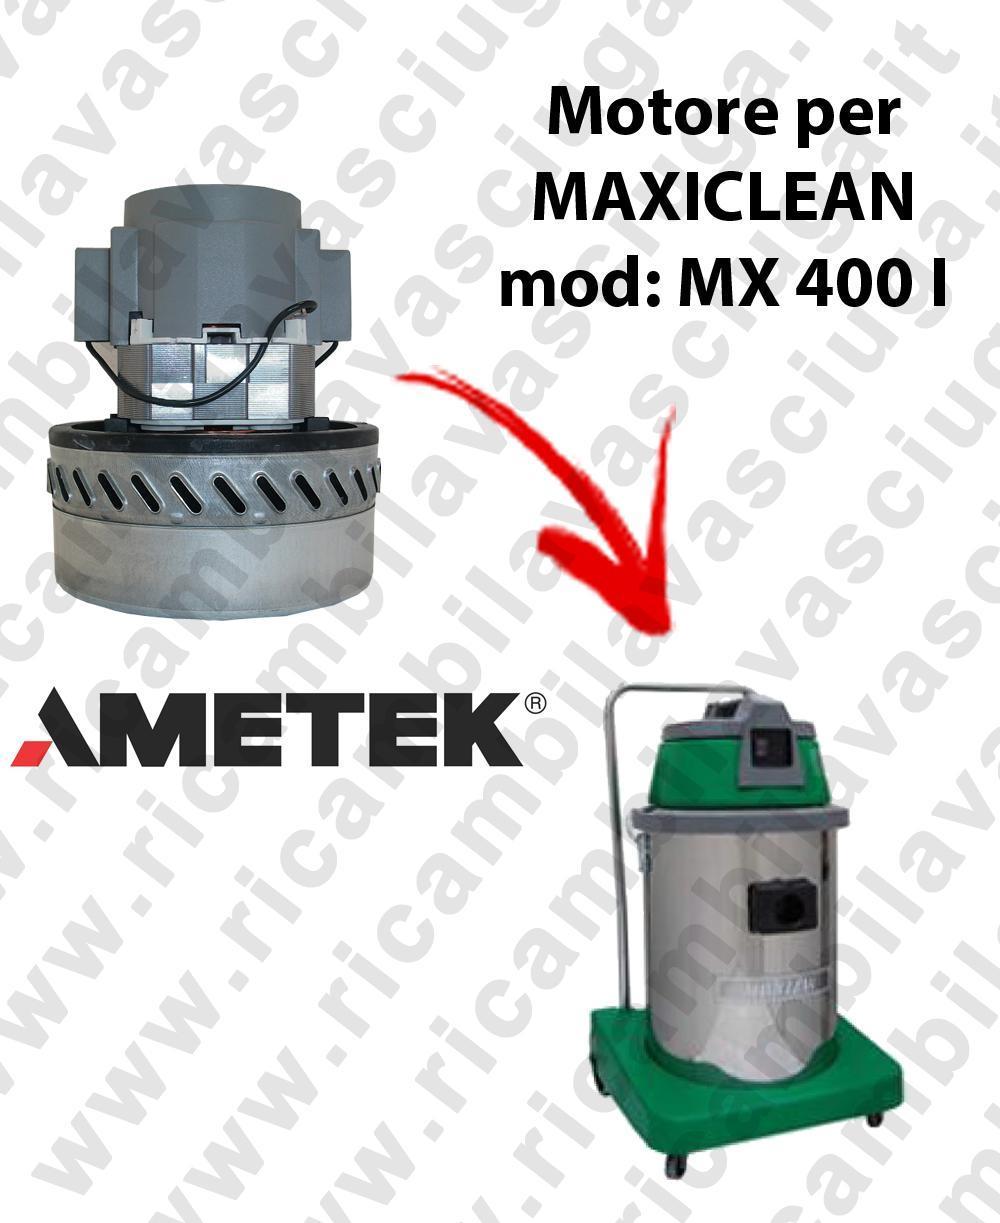 MX 400 I Motore de aspiración AMETEK para aspiradora y aspiradora húmeda MAXICLEAN